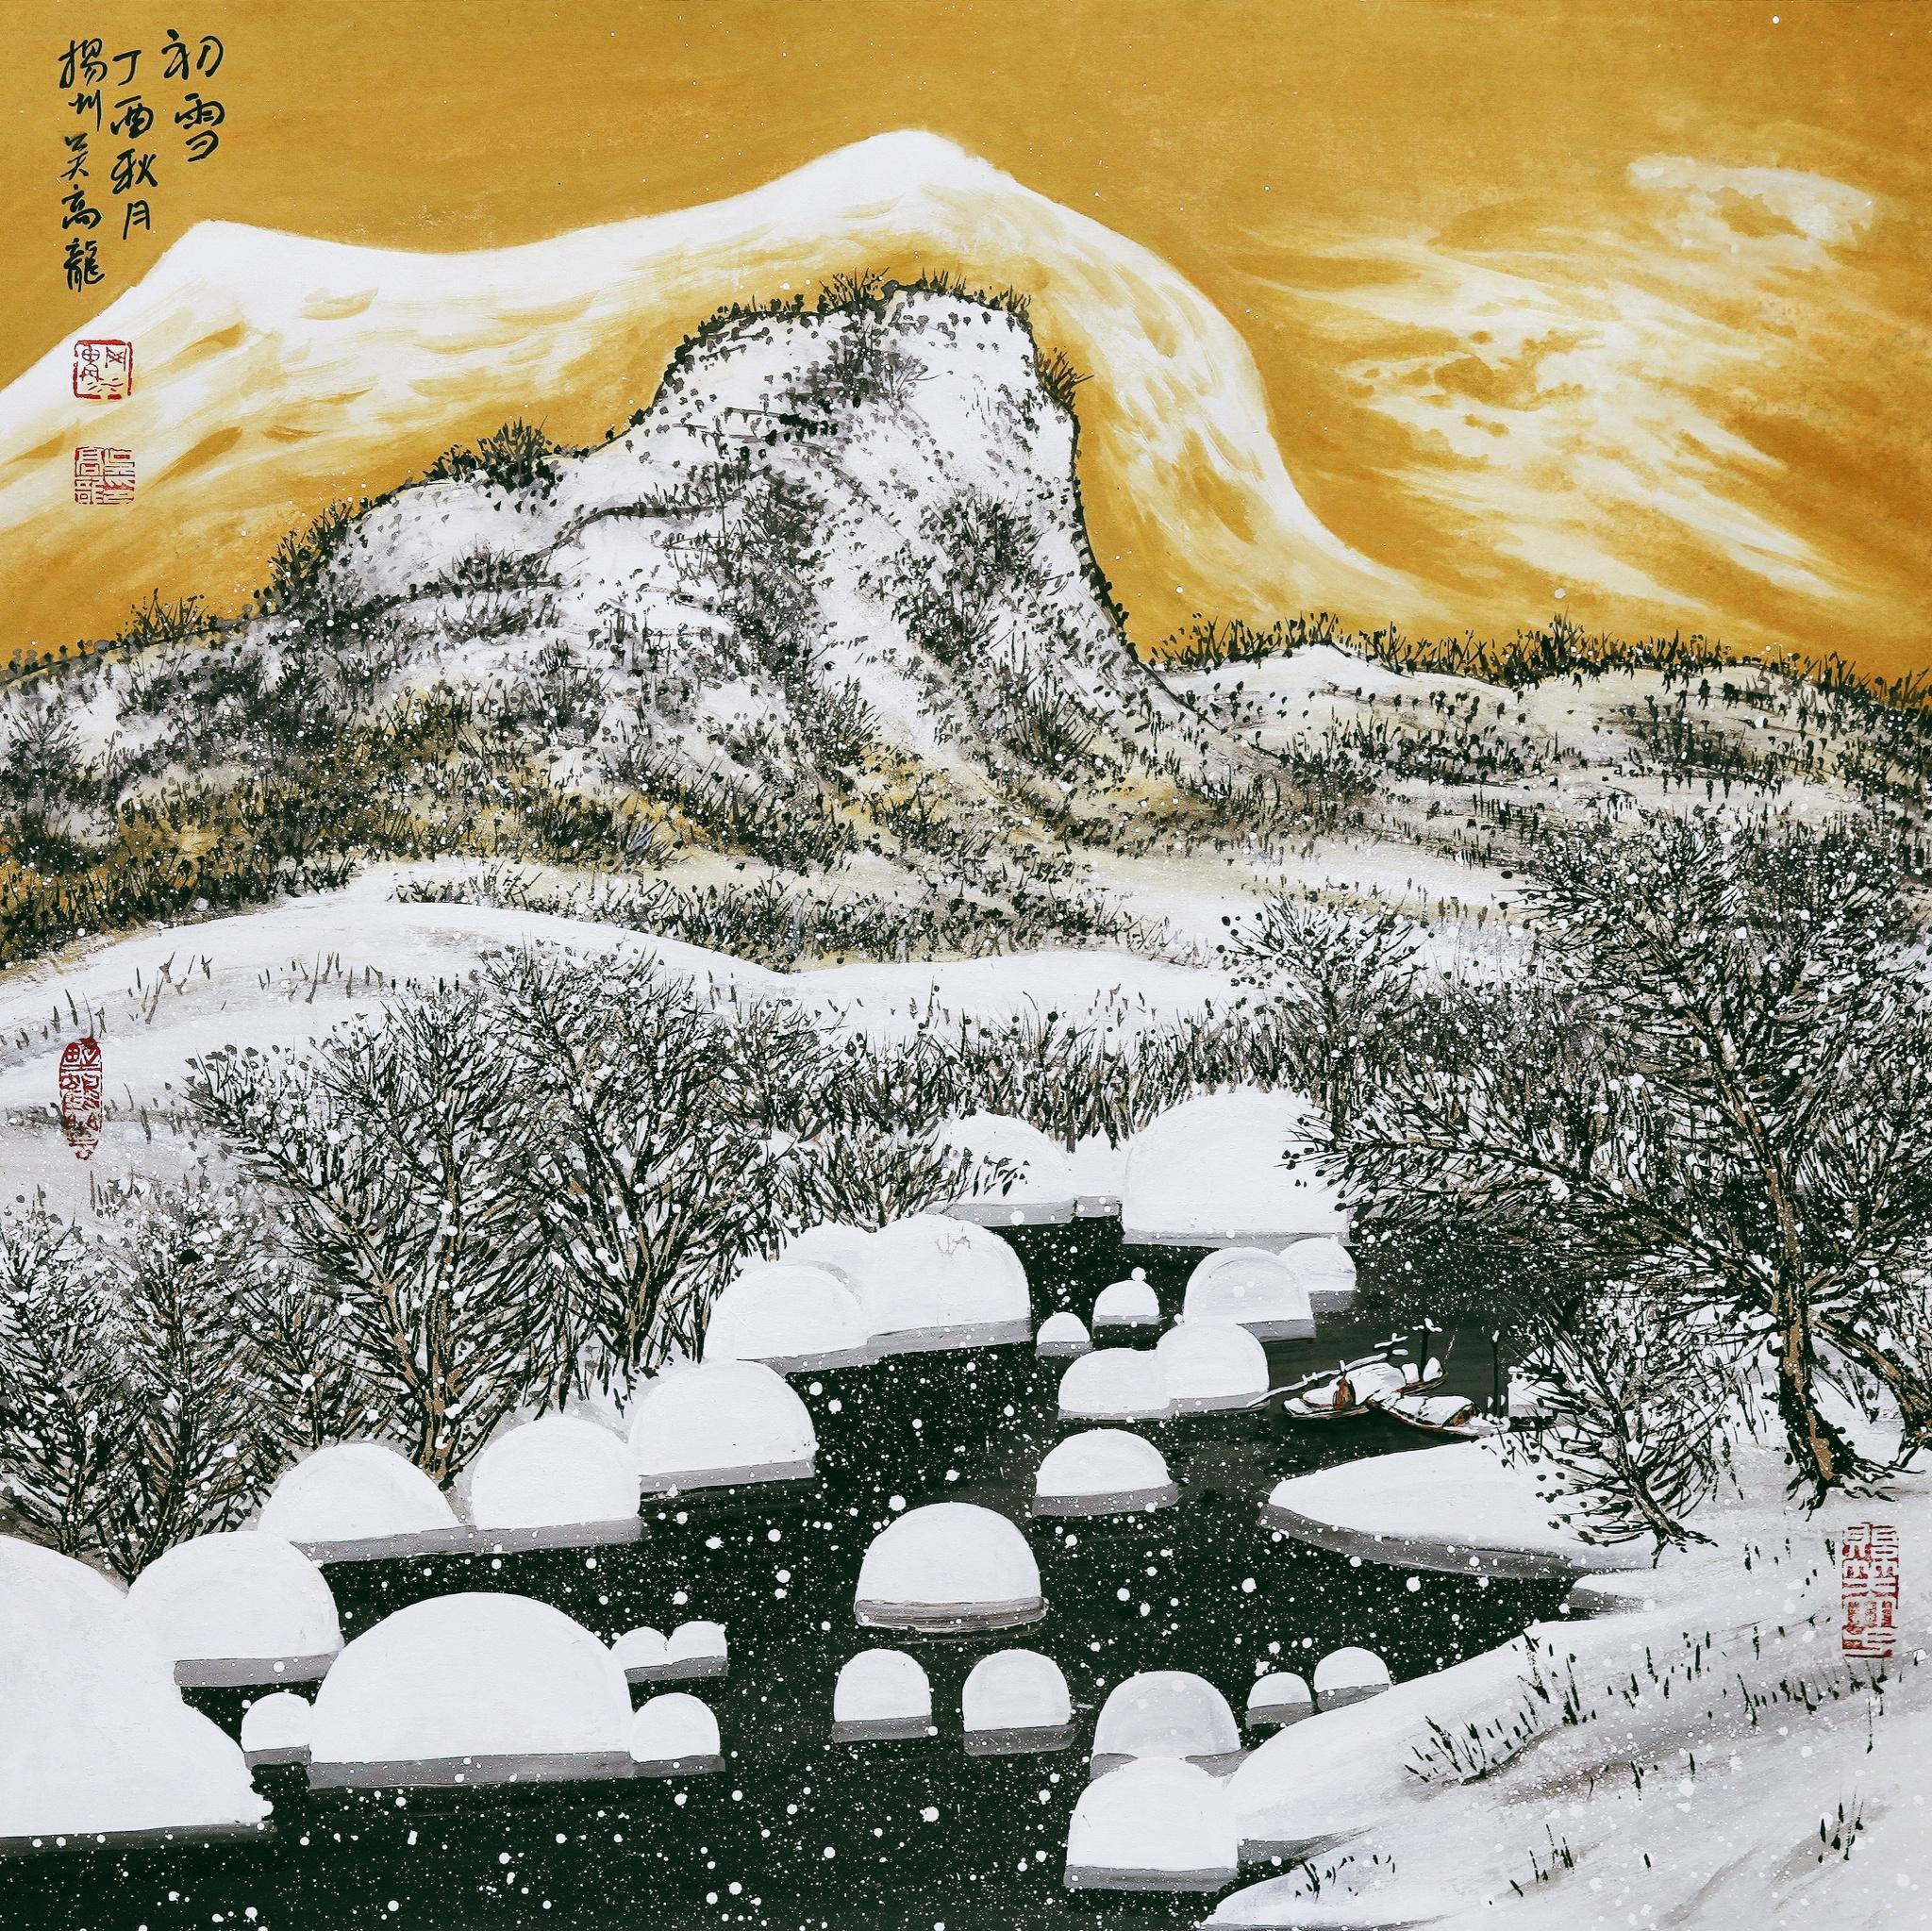 吴高龙国画《初雪》